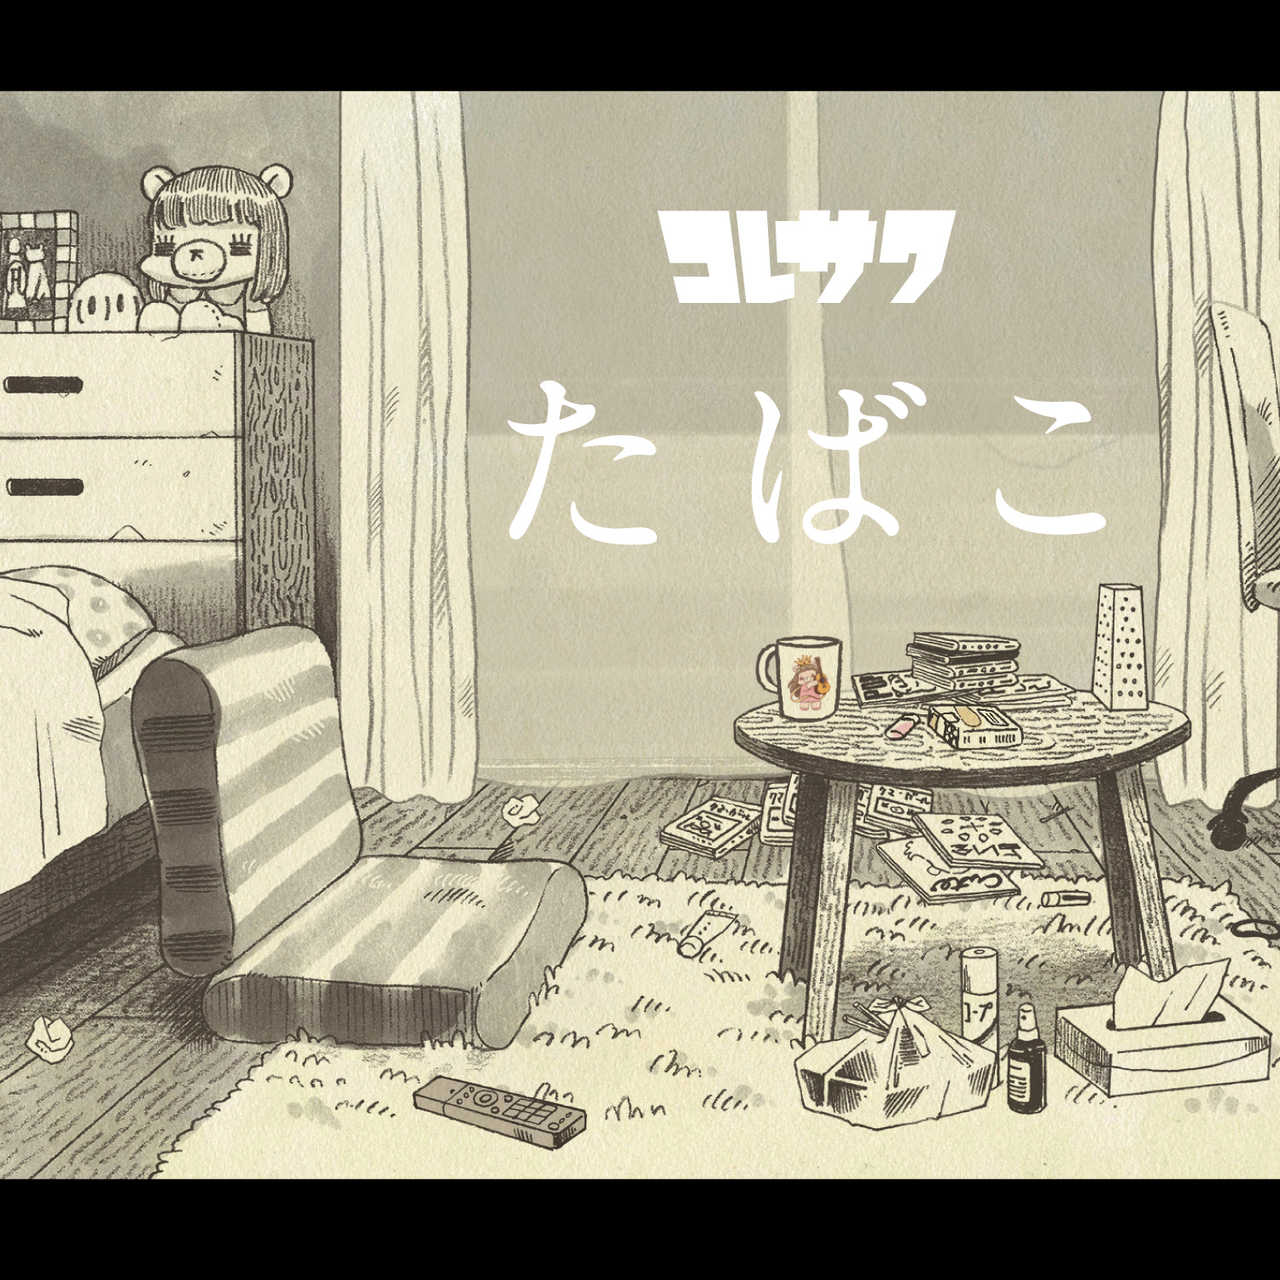 pixiv×コレサワ 歌詞からイメージする小説コンテスト!優秀作品発表